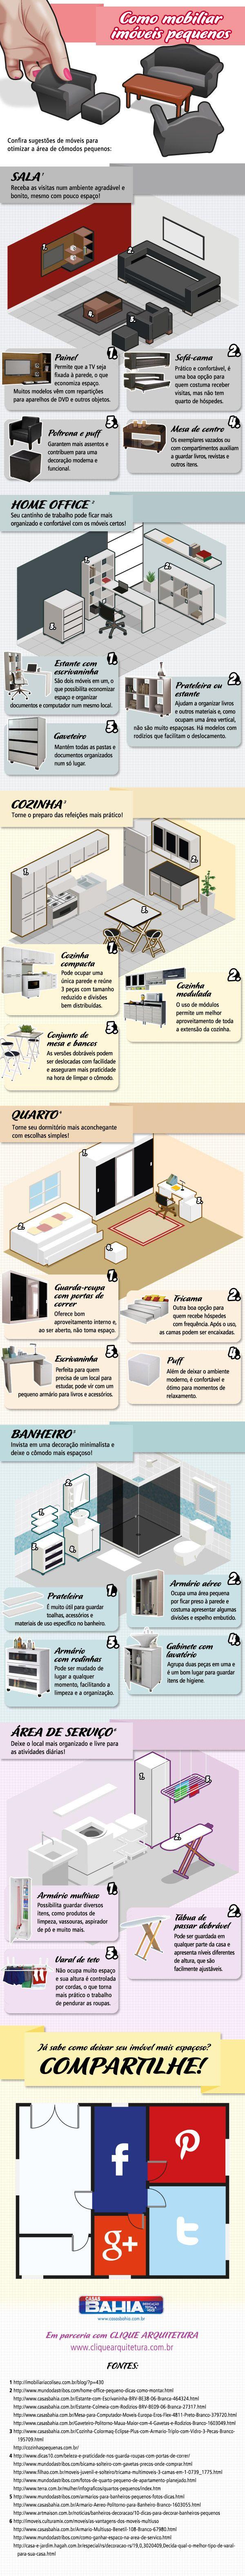 Dicas muito boas de como mobiliar a sua casa!